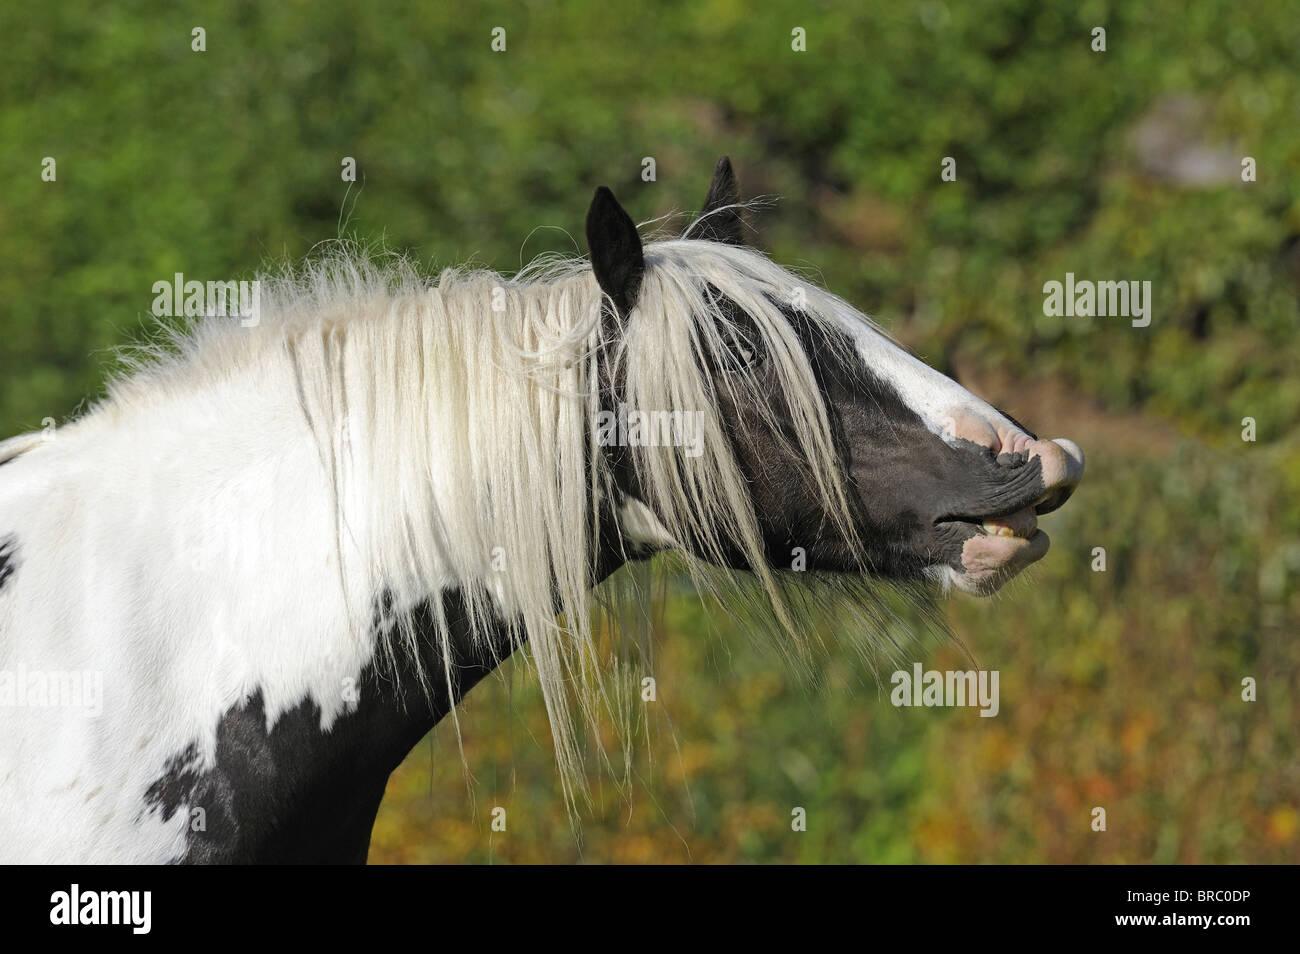 Gypsy Vanner Horse (Equus ferus caballus), mare doing the flehmen. - Stock Image